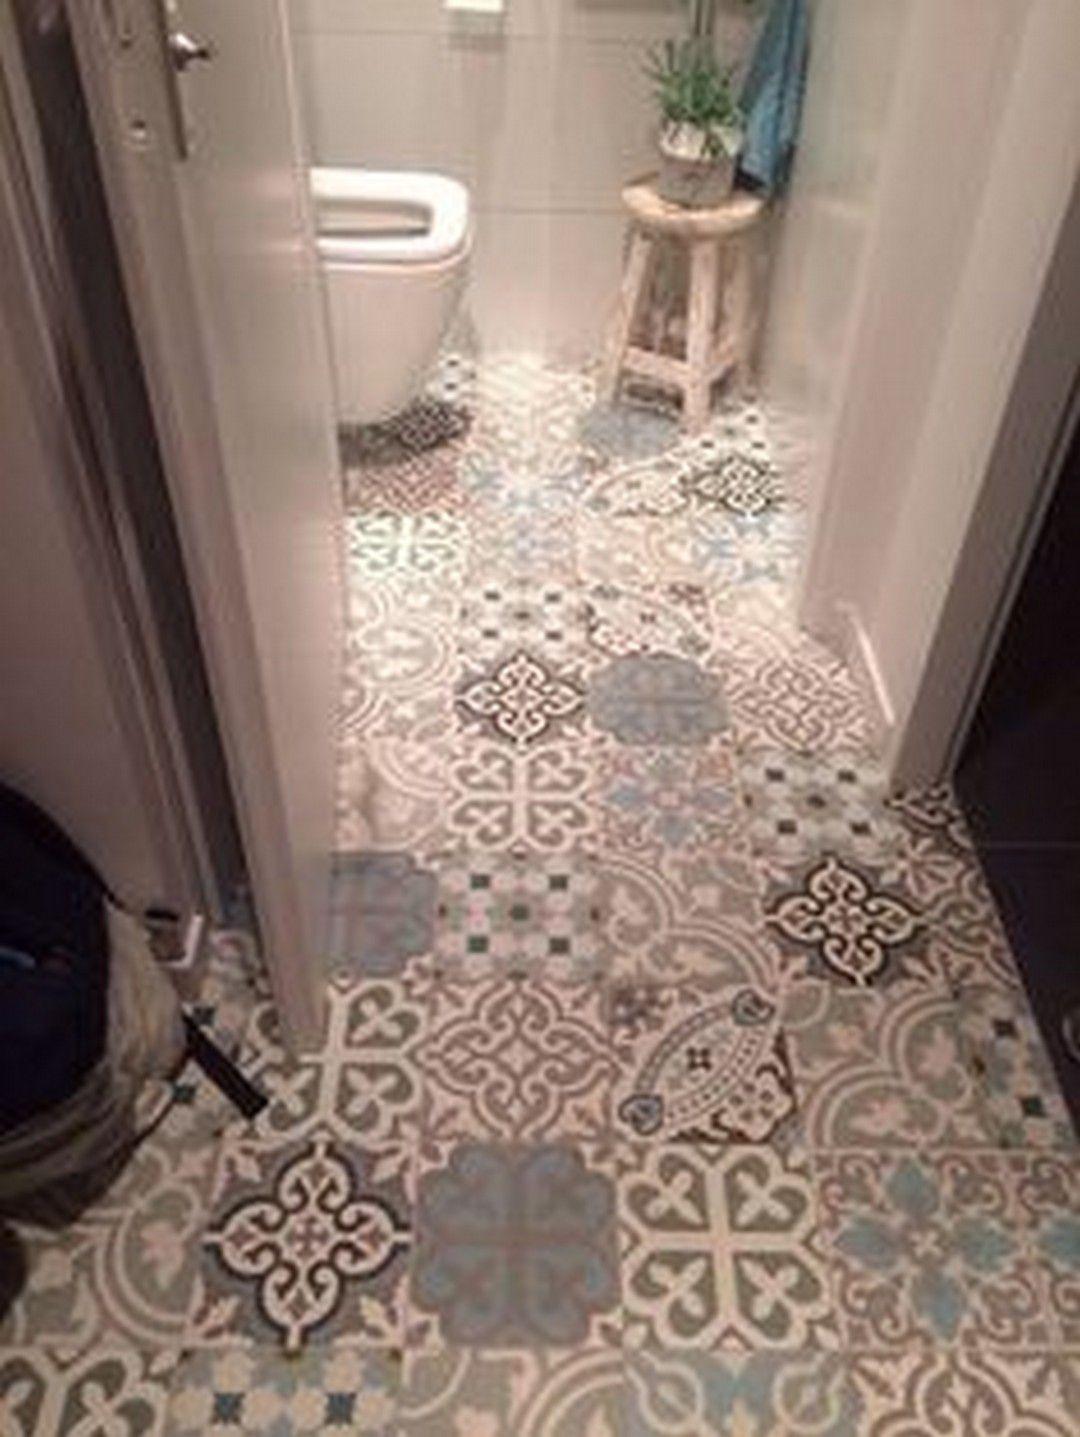 10 Luxurious And Modern Farmhouse Bathroom Tile As Desirable Choice Goodnewsarchitecture Modern Farmhouse Bathroom Tile Bathroom Small Bathroom Decorating ideas bathroom flooring